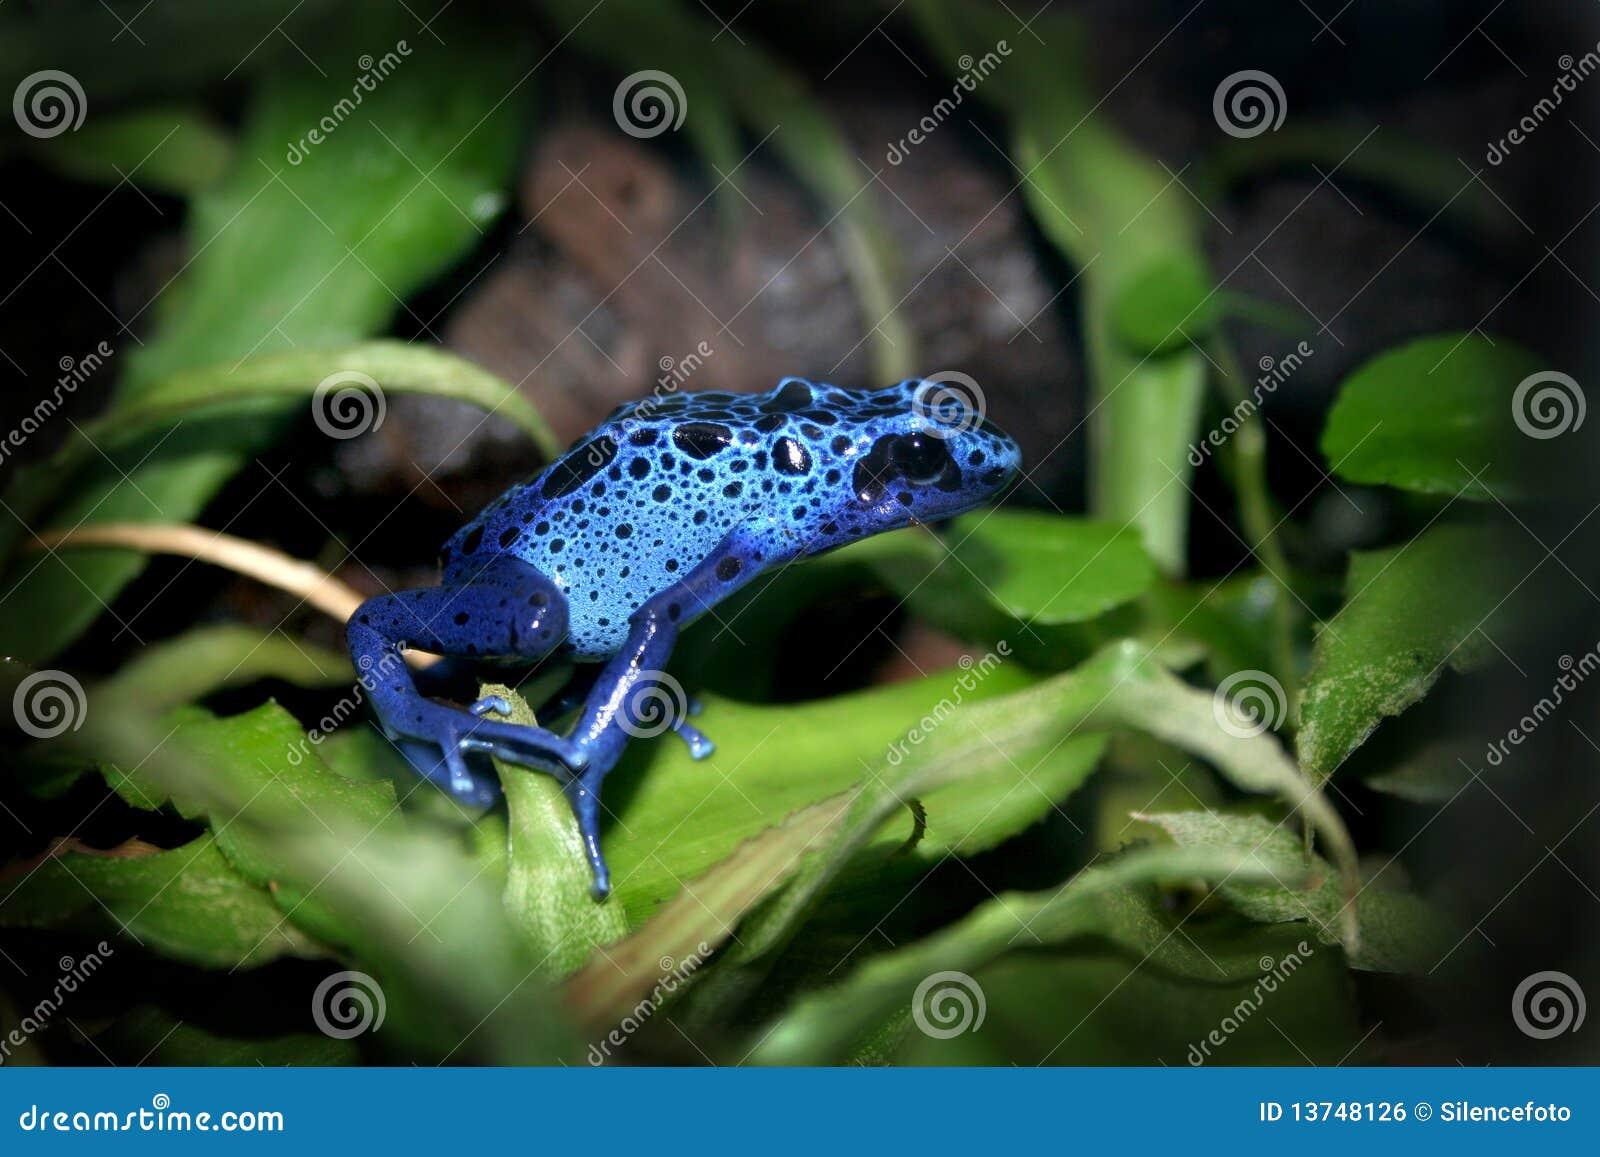 Blue Poison Dart Frog Stock Photo Image Of Foliage Light 13748126